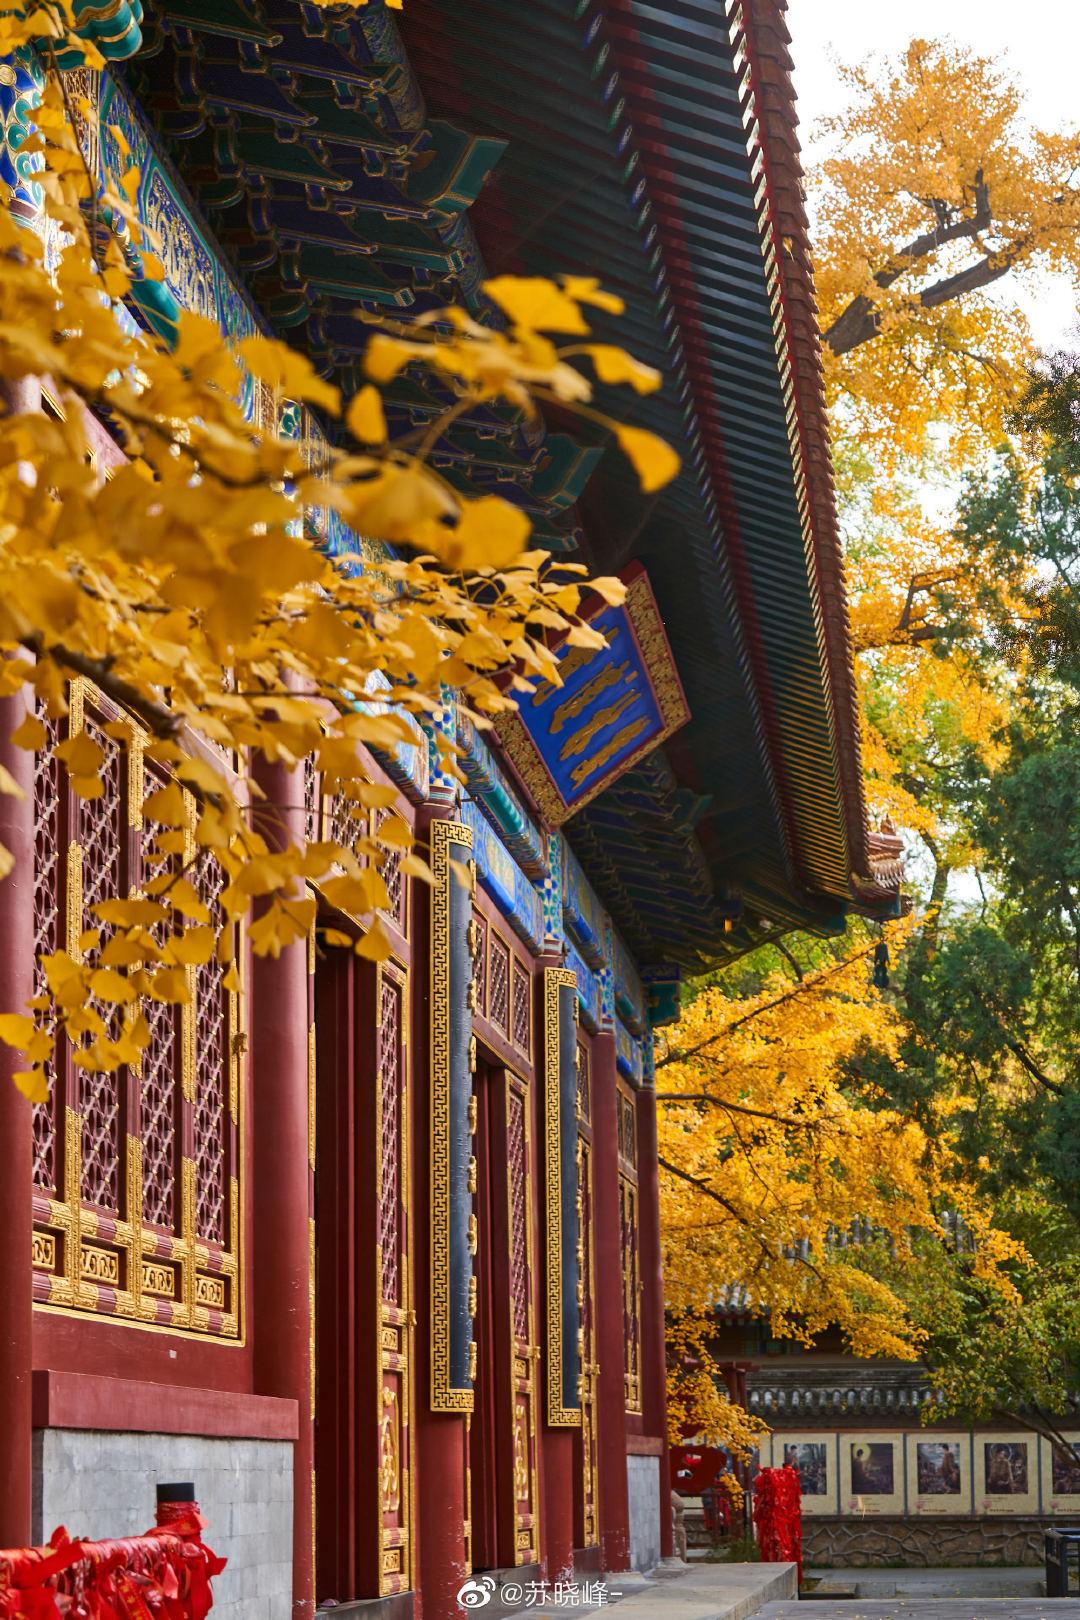 北京卧佛寺,八百年银杏又黄,道不尽世间沧桑。摄影@苏晓峰-